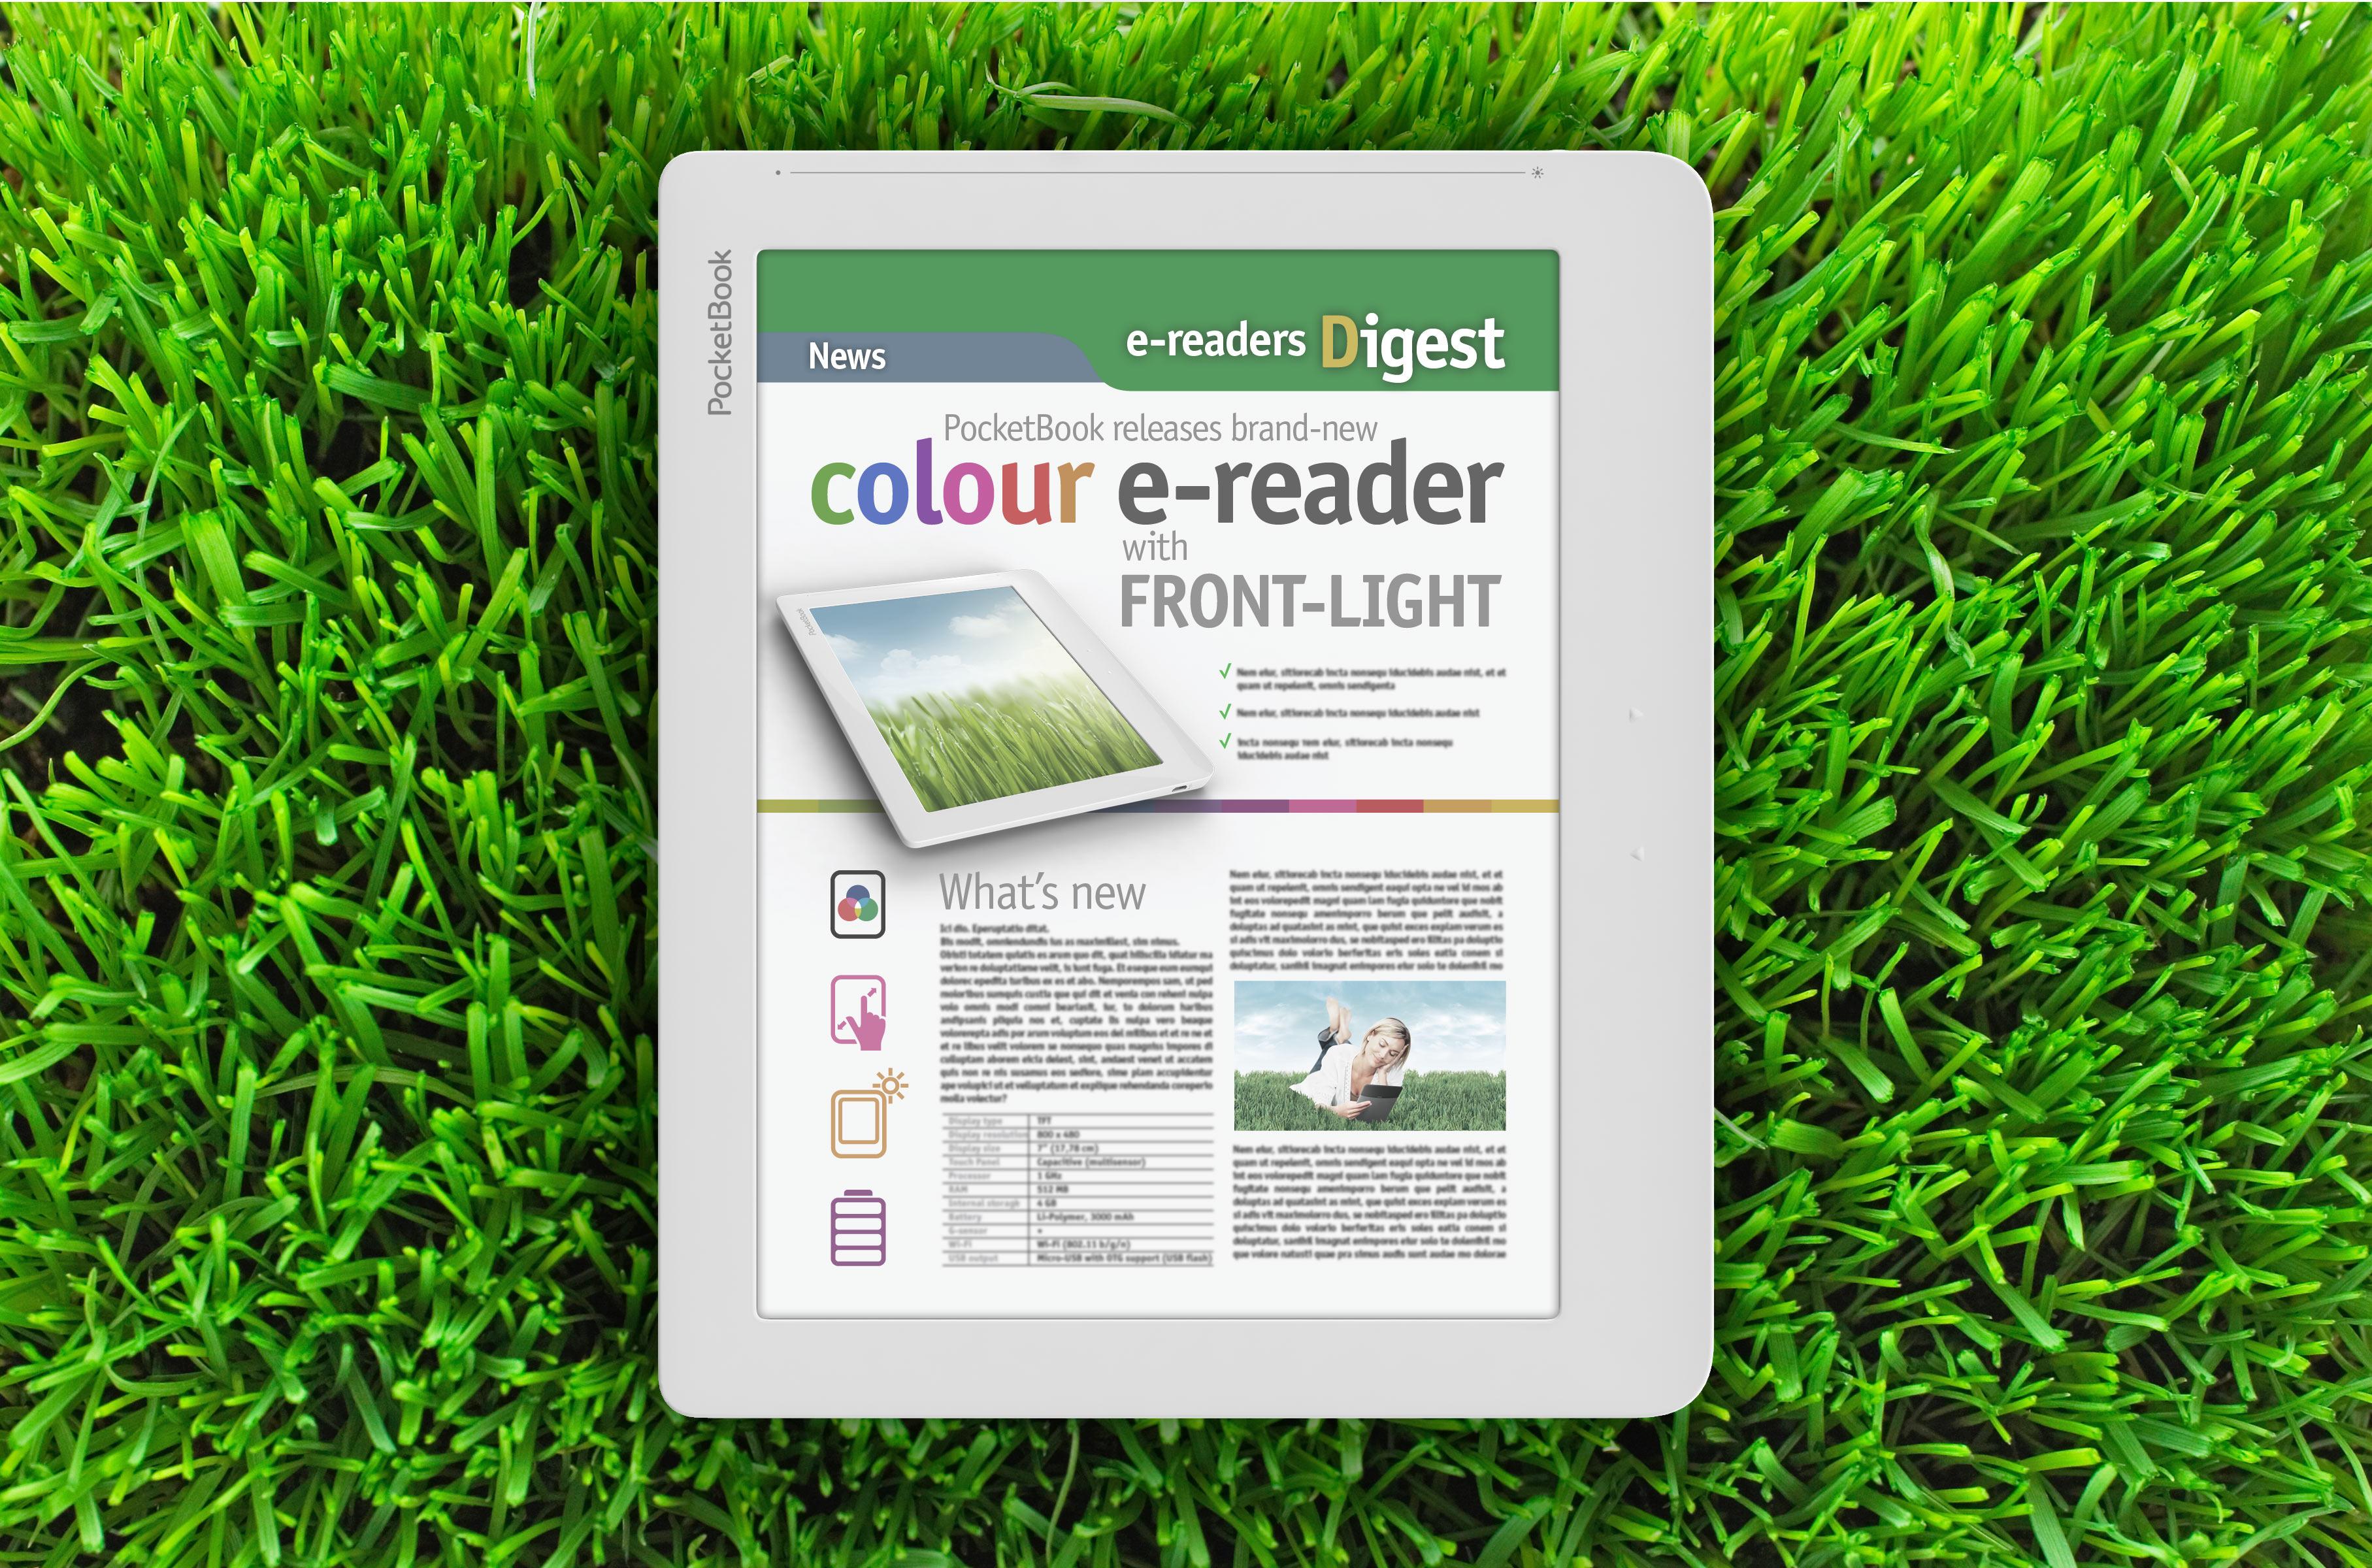 Bralniki podjetja PocketBook bodo kmalu opremljeni z barvnimi zasloni.